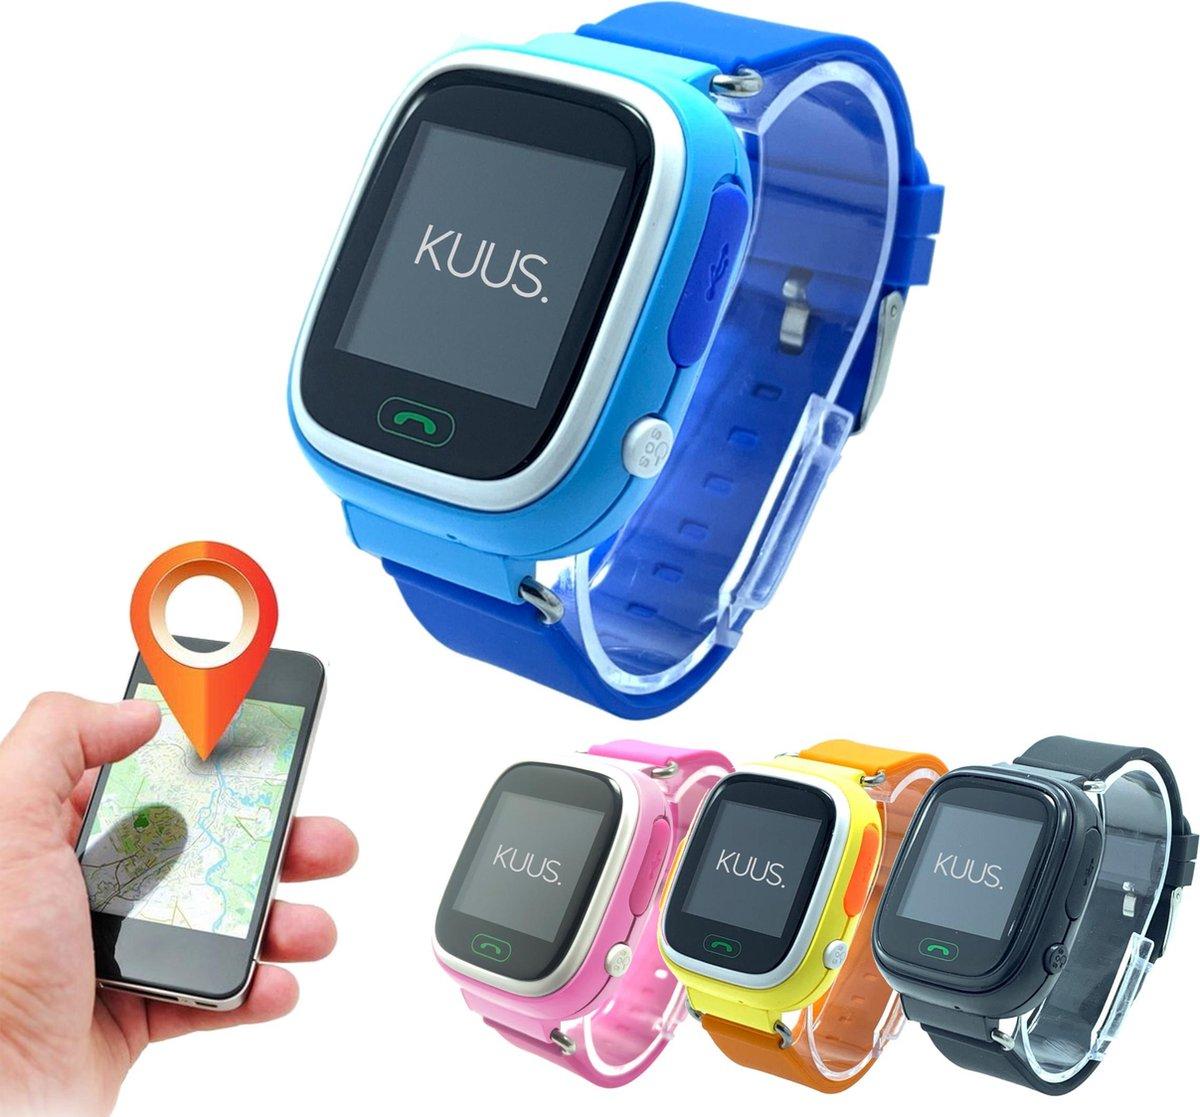 KUUS. GPS horloge kind, smartwatch voor kinderen met GPS tracker - Blauw